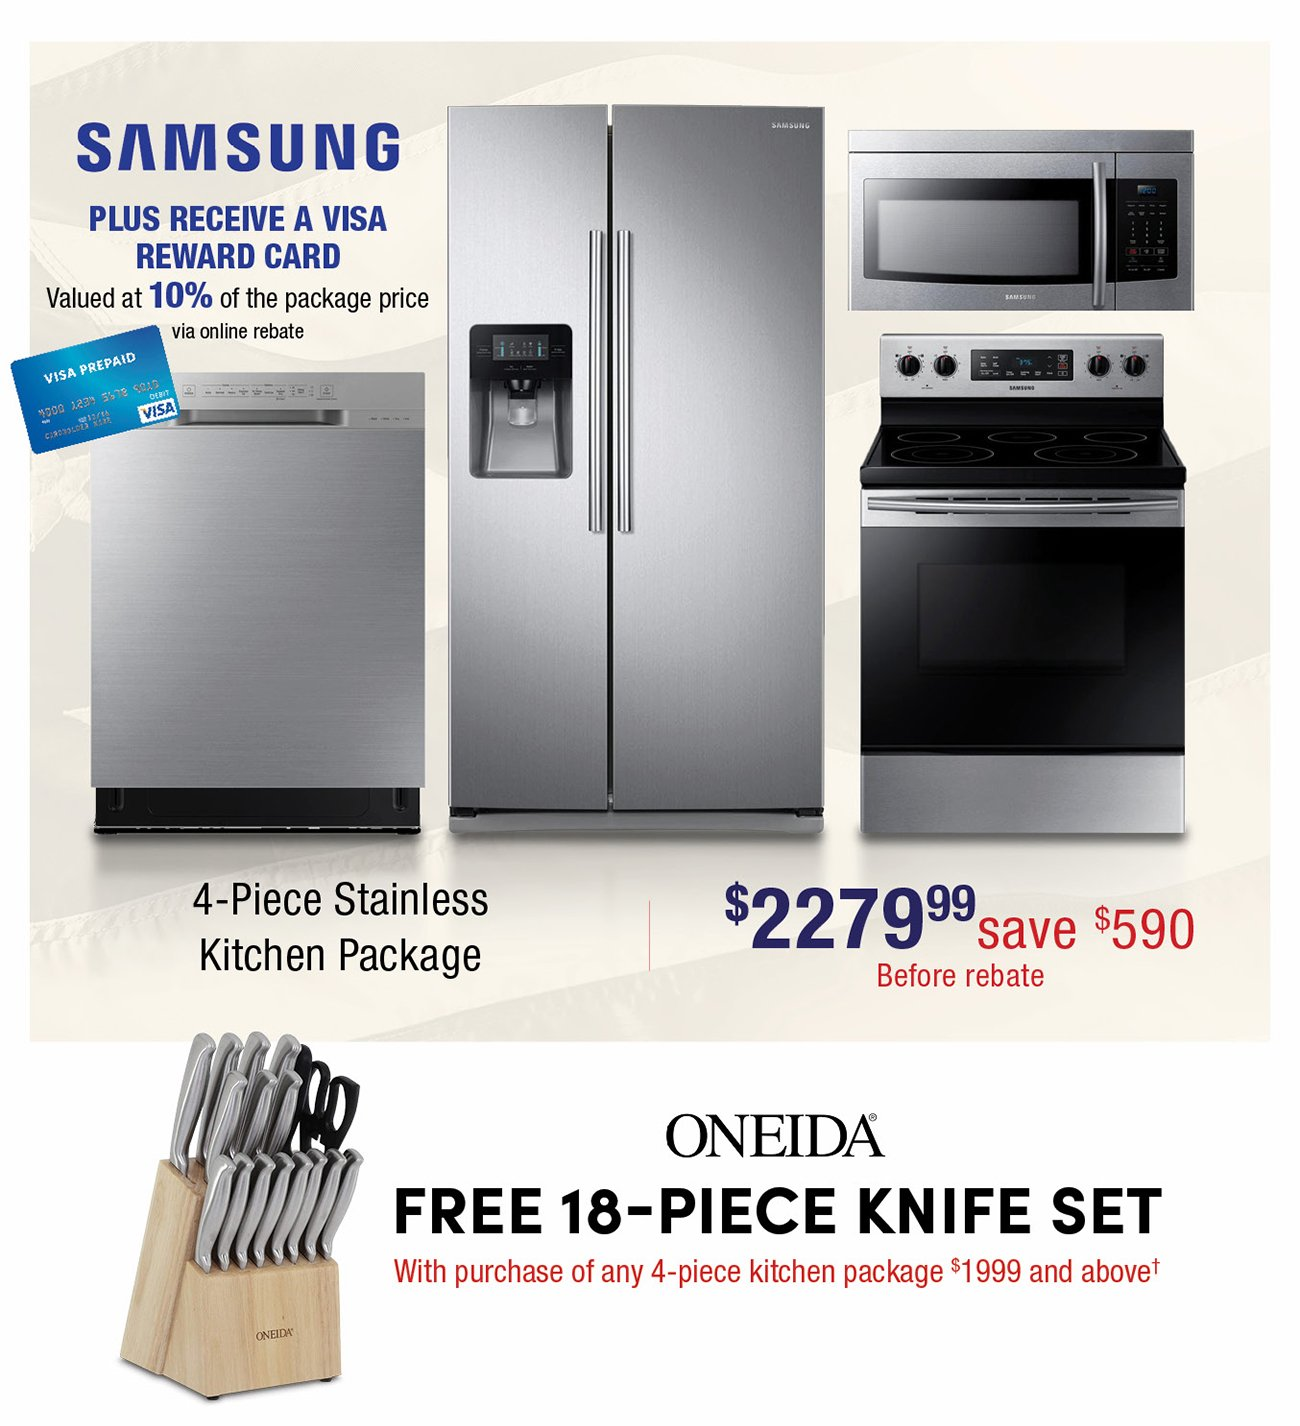 Samsung-kitchen-package